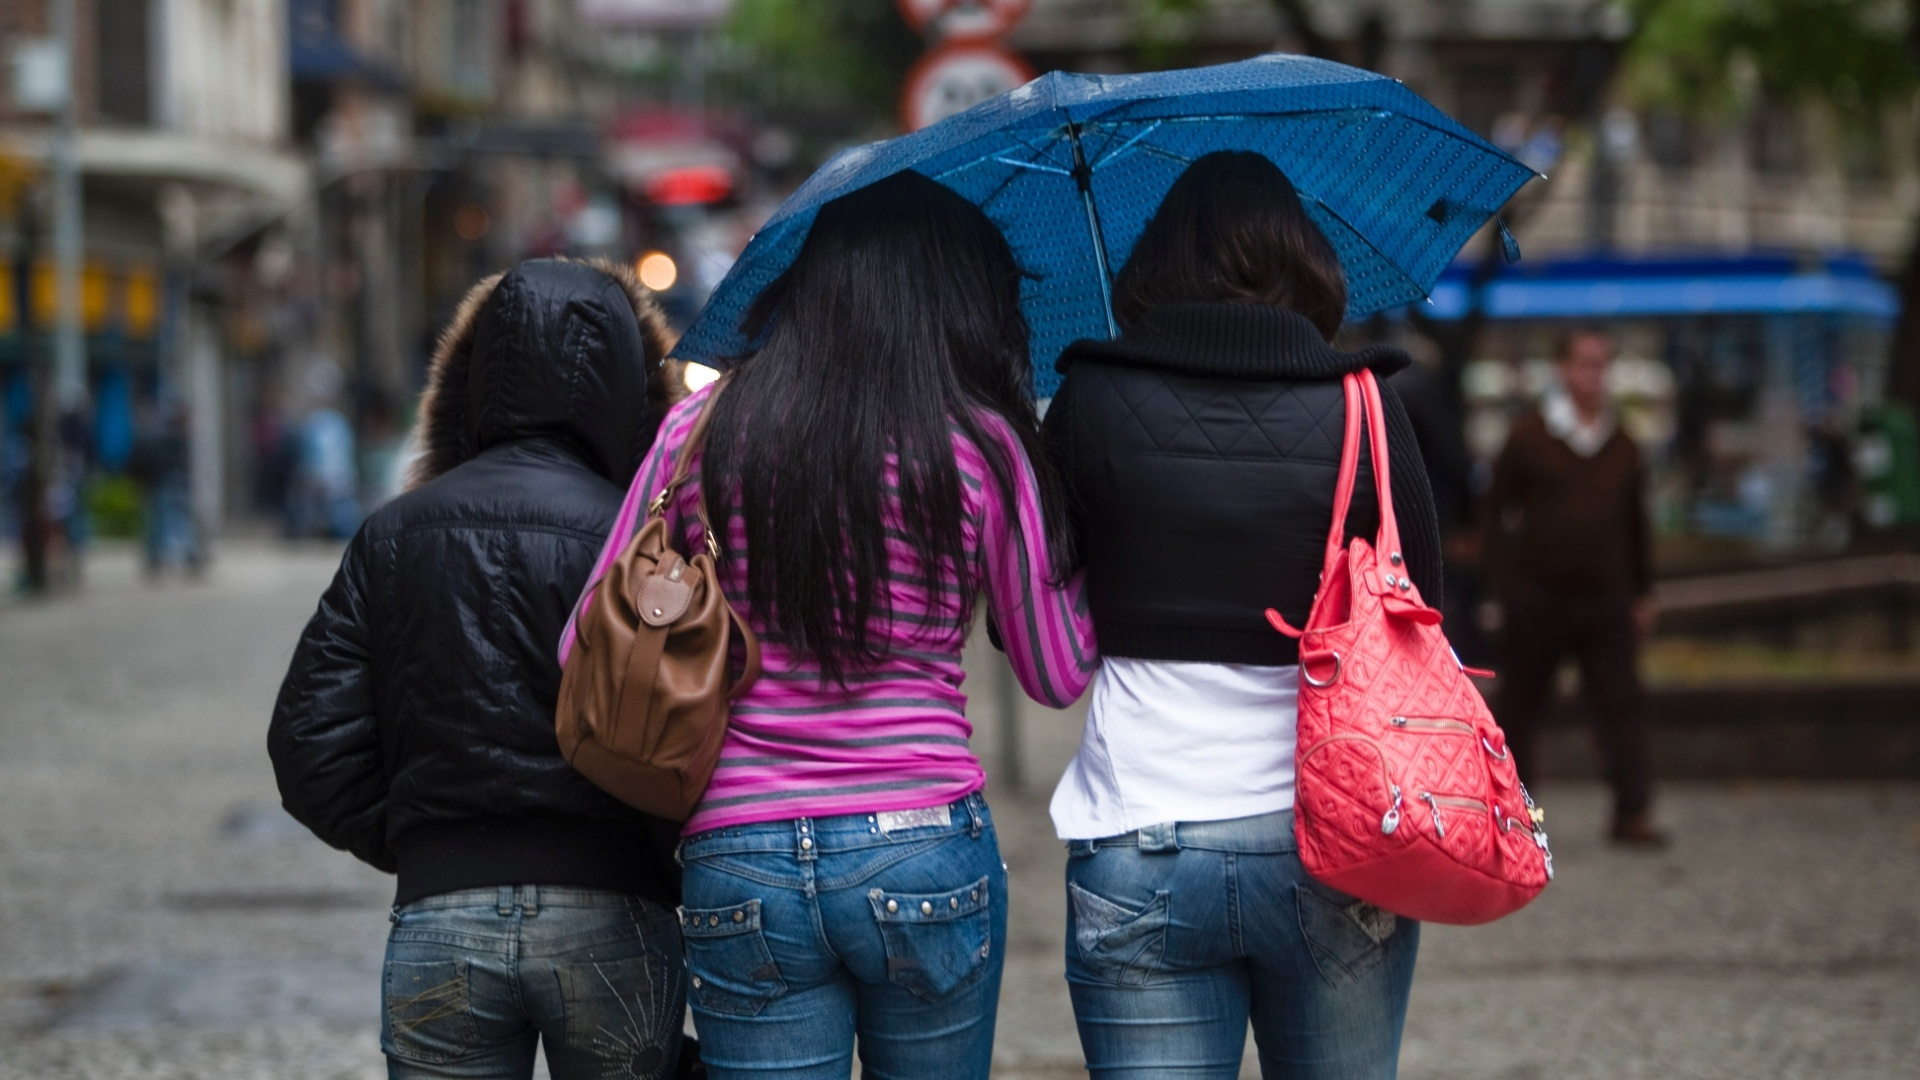 26.set.2012 - Paulistanos enfrentam frio, nesta quarta-feira (26). A sensação térmica chegou a -0,5°C ao meio-dia. De acordo com os meteorologistas da Somar, os termômetros não devem passar dos 14°C